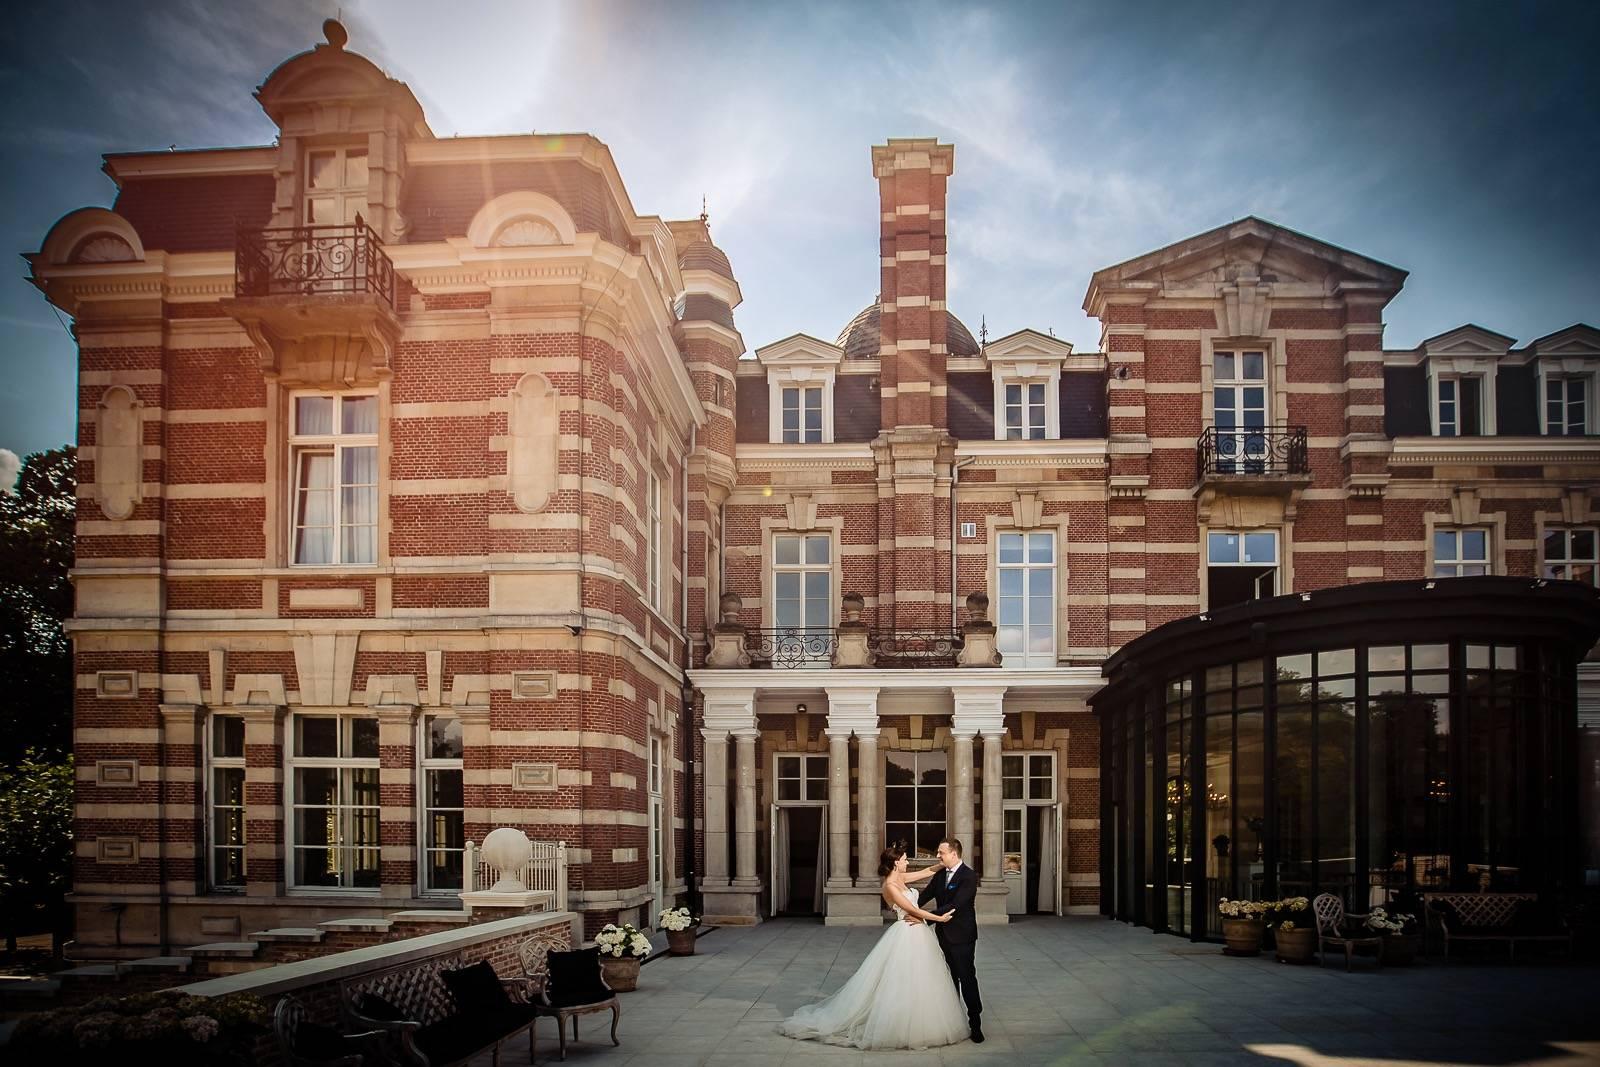 Eppel Fotografie - Trouwfotograaf - Huwelijksfotograaf - House of Weddings - 3